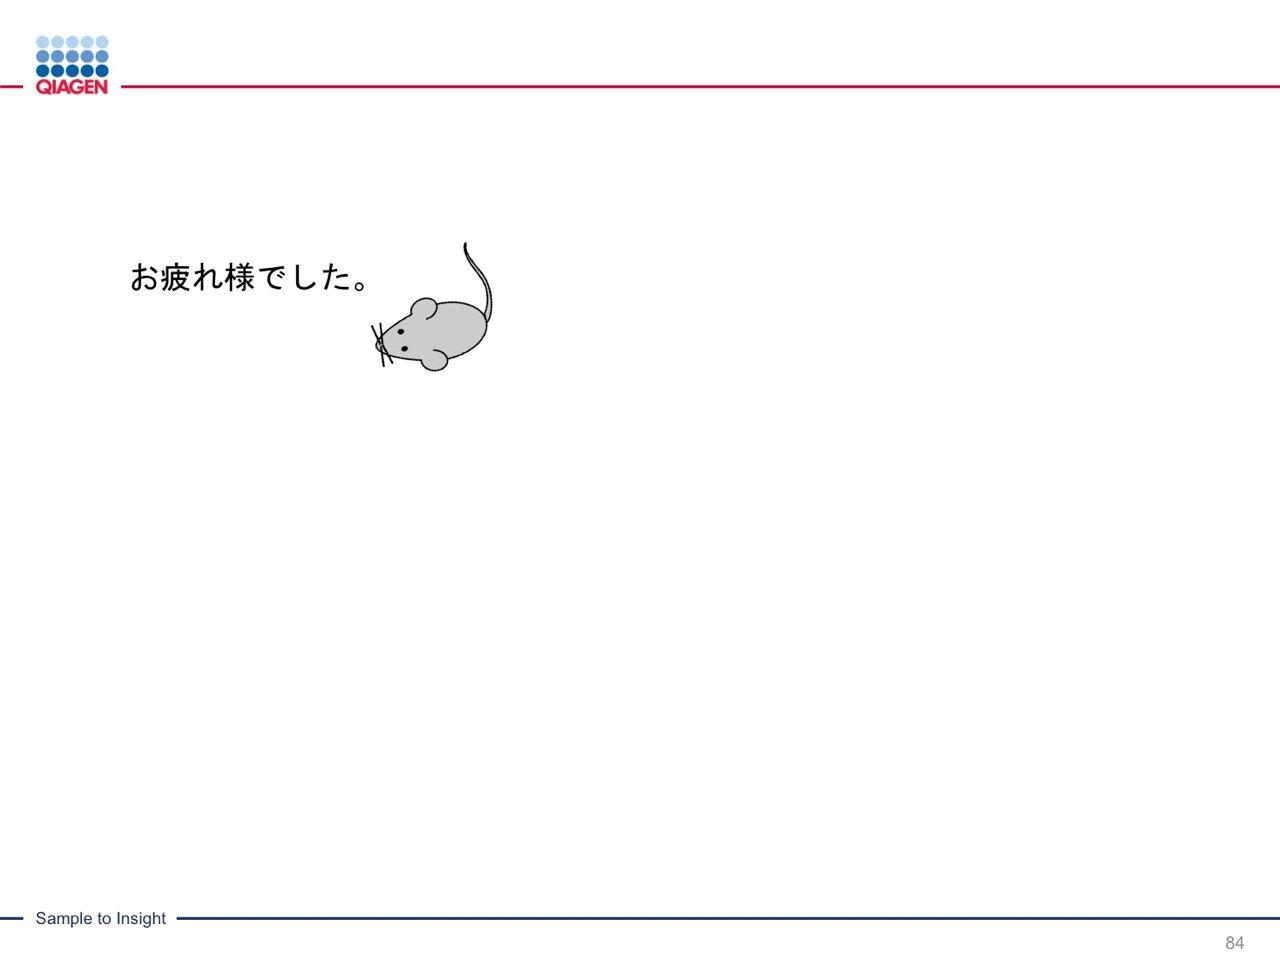 images/AJACSa2_miyamoto_084.jpg